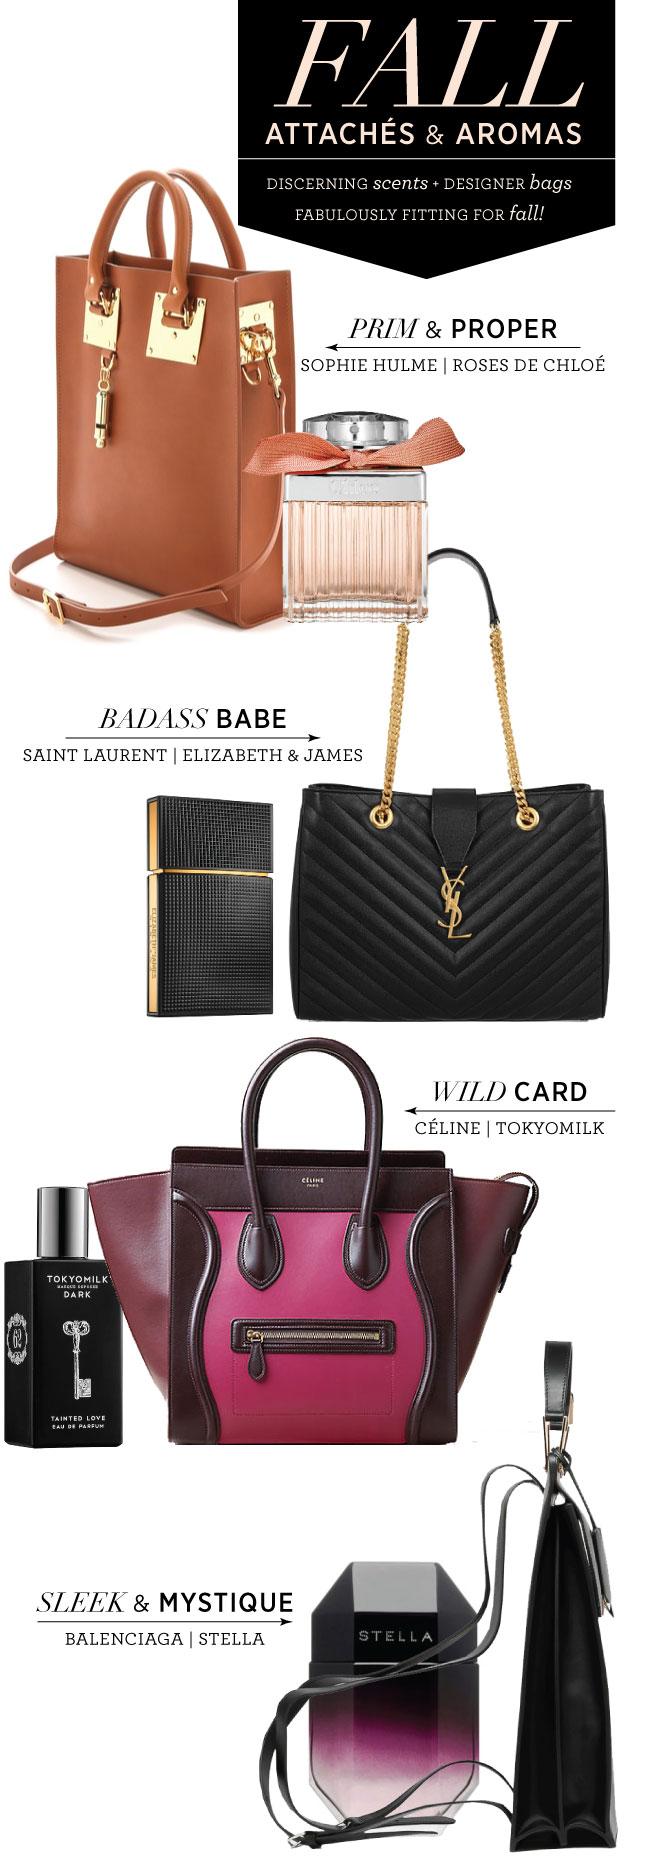 Fall-Bags-+-Perfumes.jpg